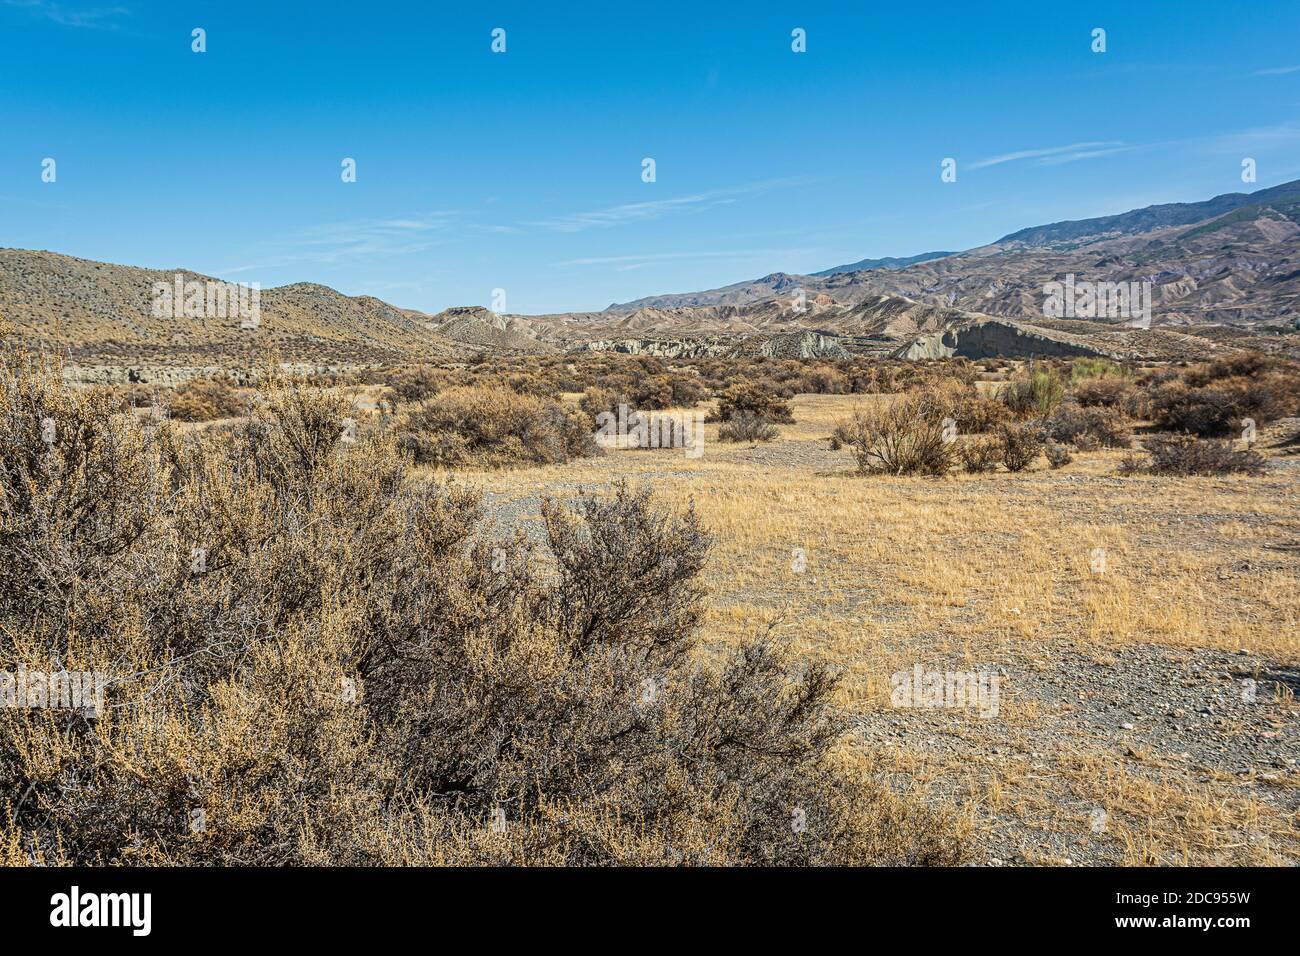 Paysage dans le désert de Tabernas. Banque D'Images